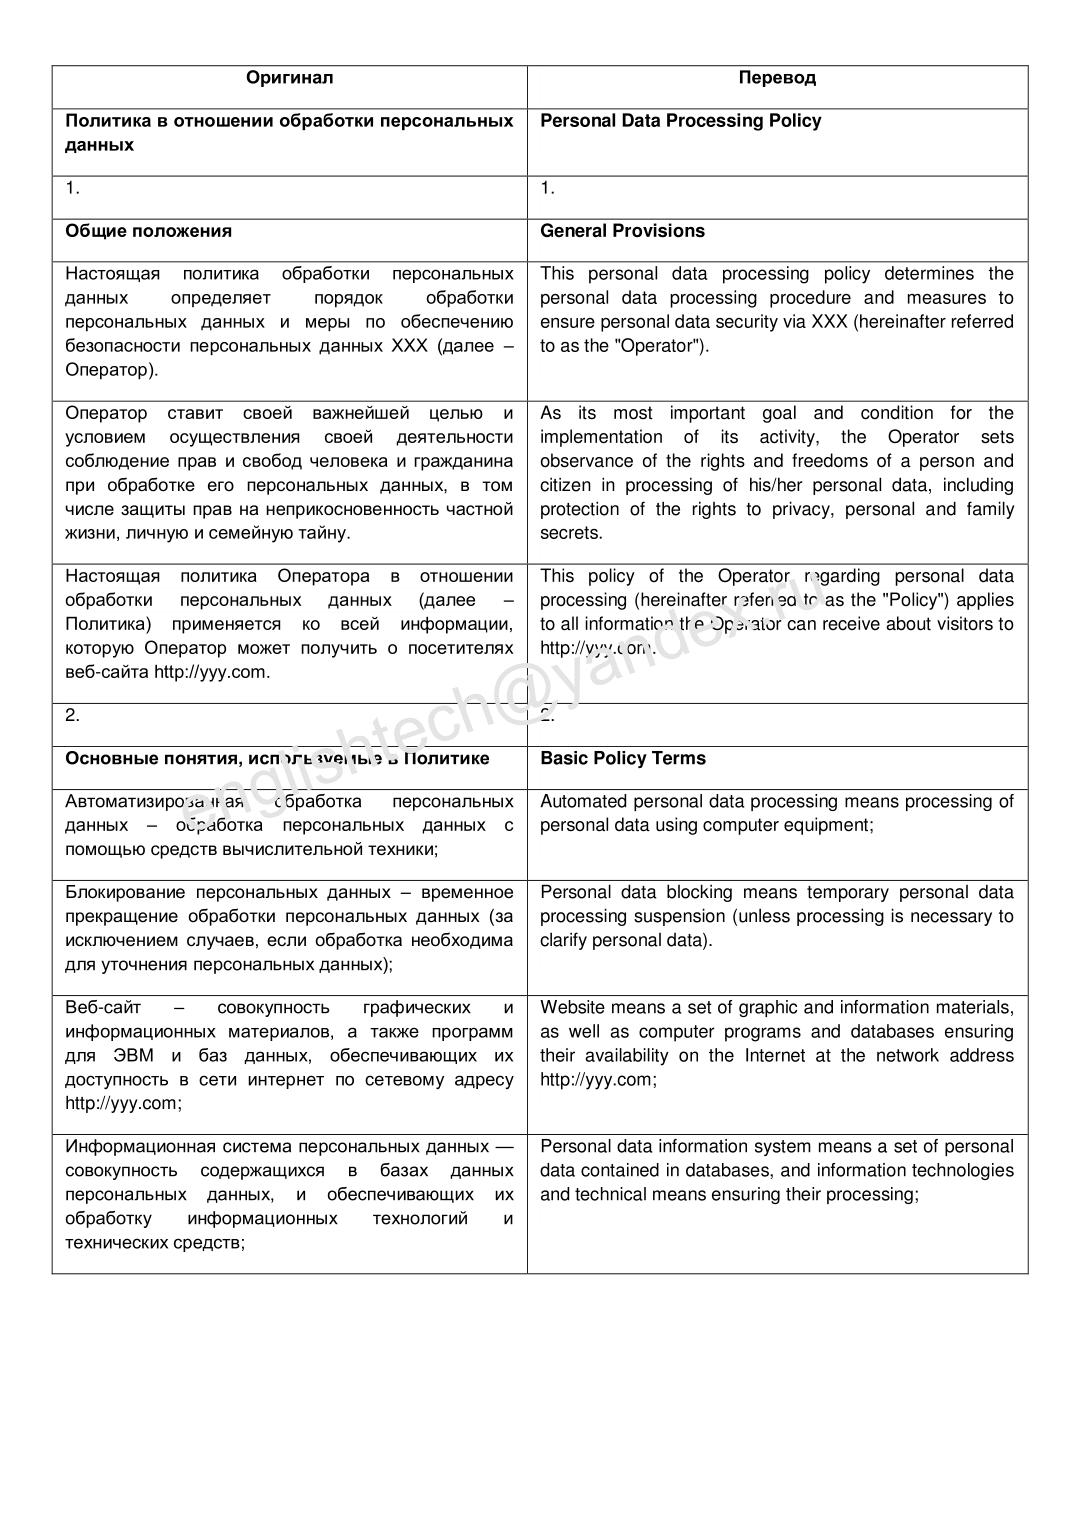 Политика в отношении обработки персональных данных (Ru-En)